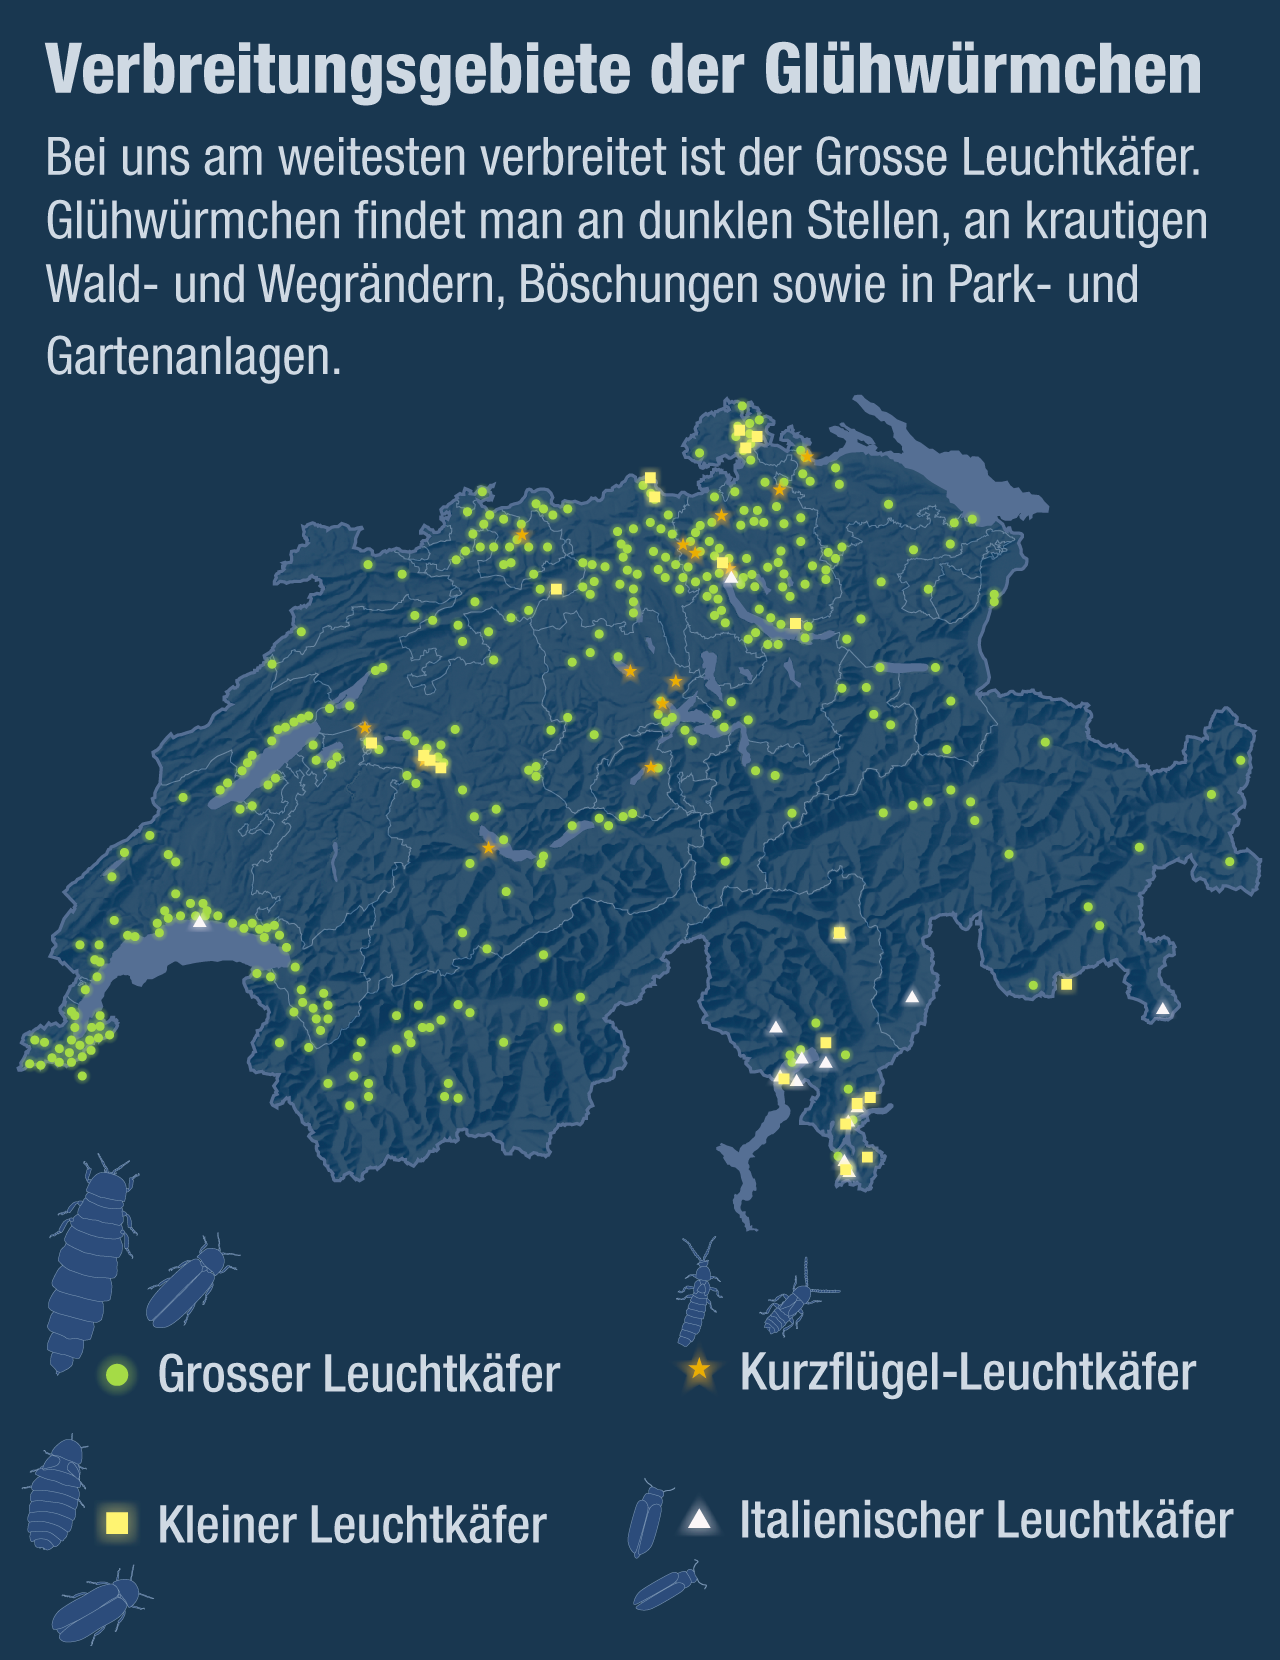 Lichtverschmutzung Karte 2019.Gluhwurmchen Das Tier Des Jahres 2019 Blick Ch